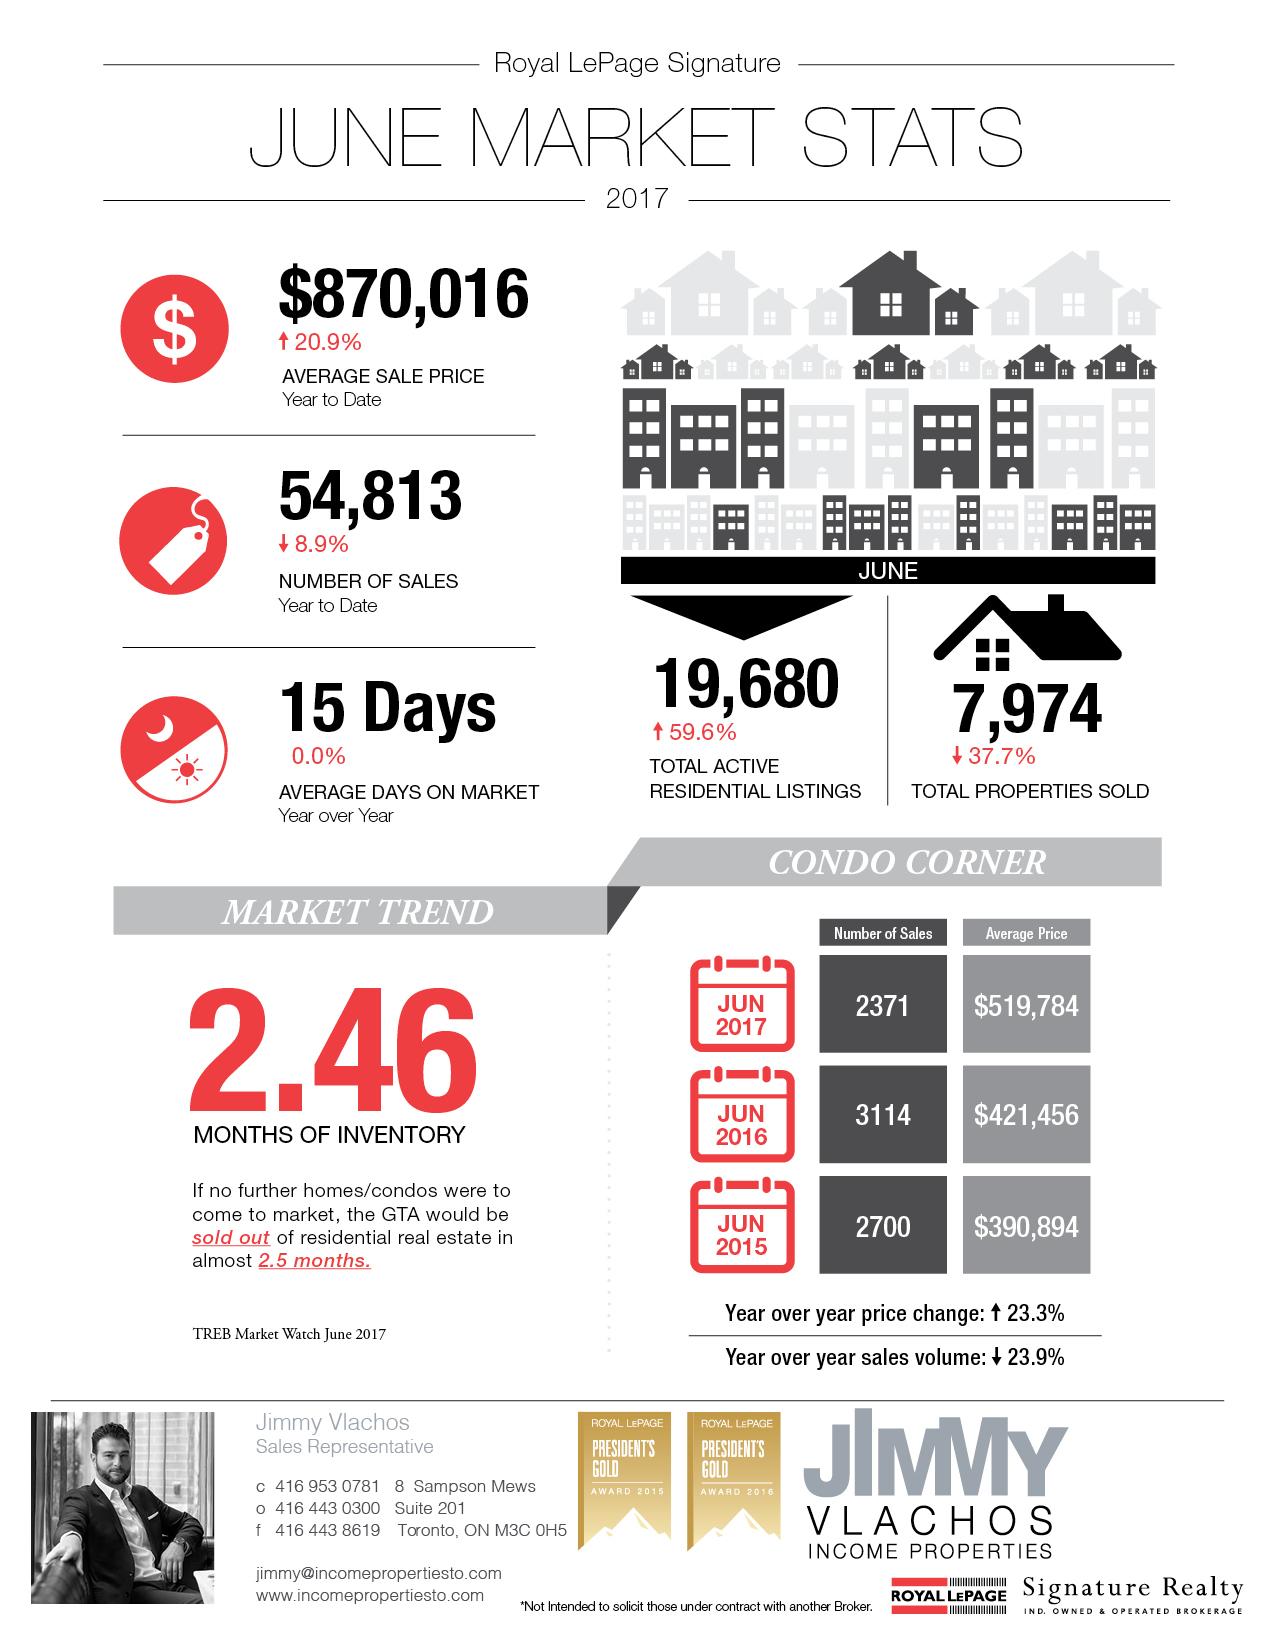 JimmyVlachos-_RLPS_June_Infographic_DM_Let_Jul7_2017